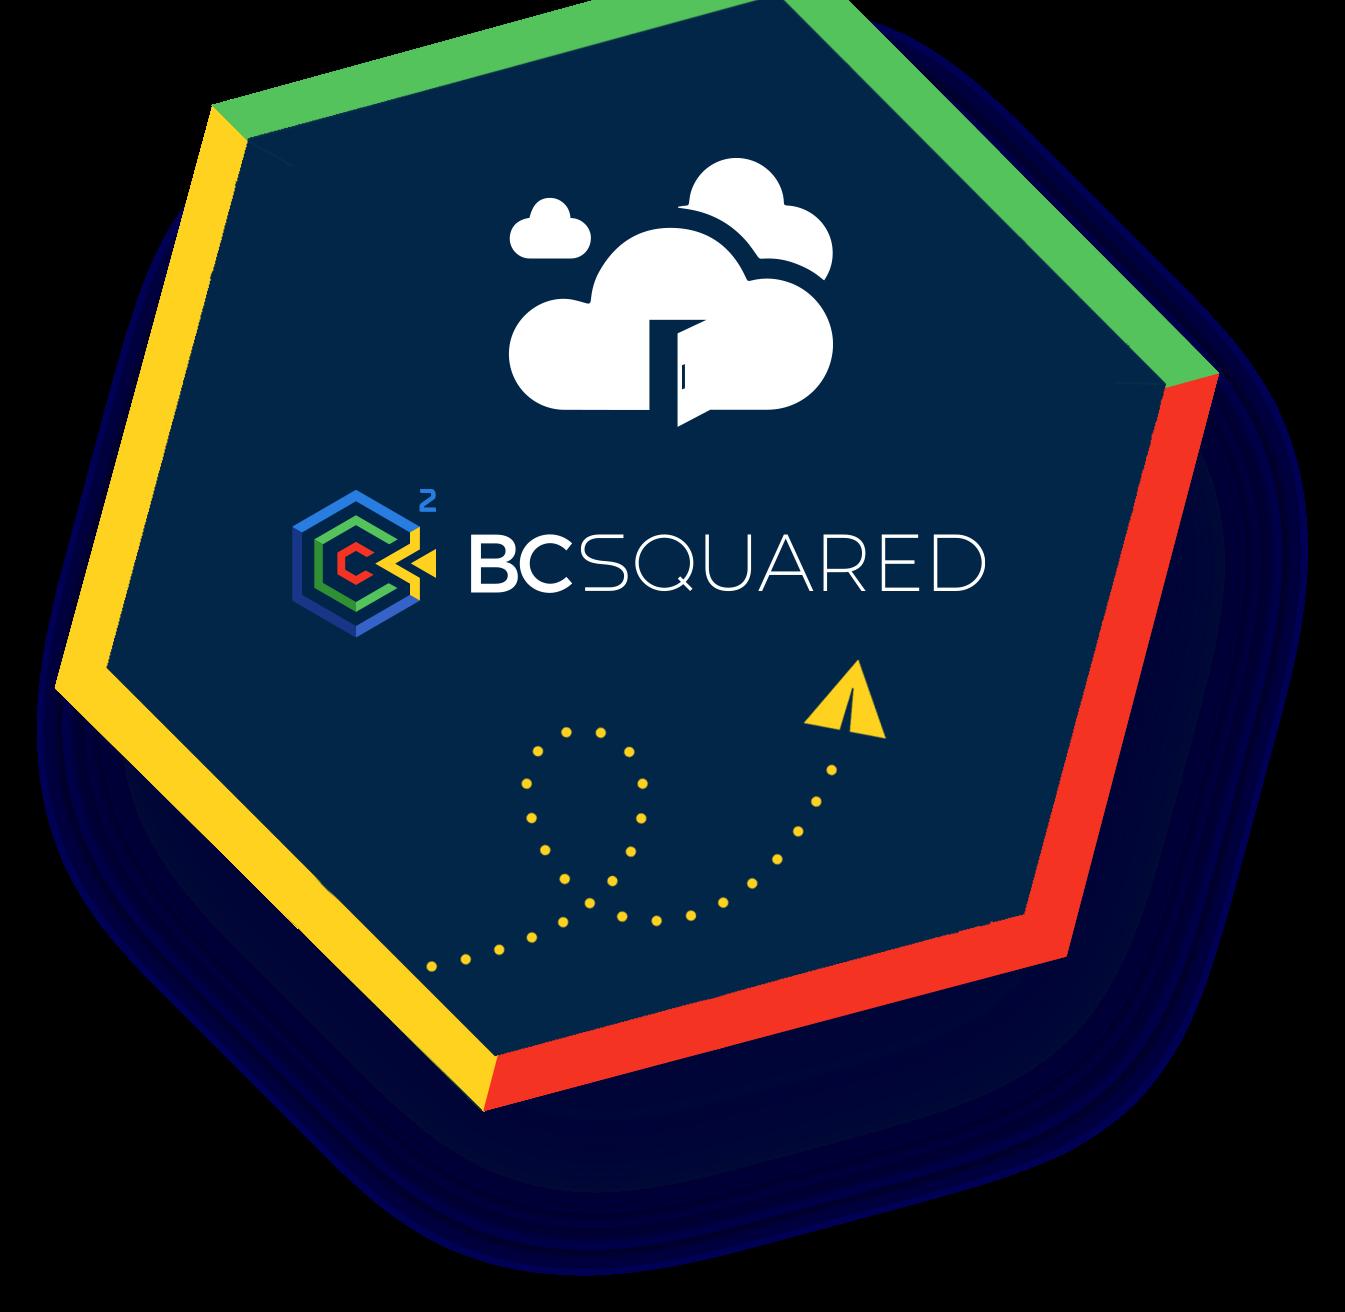 BCSquared Contact Centre Managed Service Cloud Platform